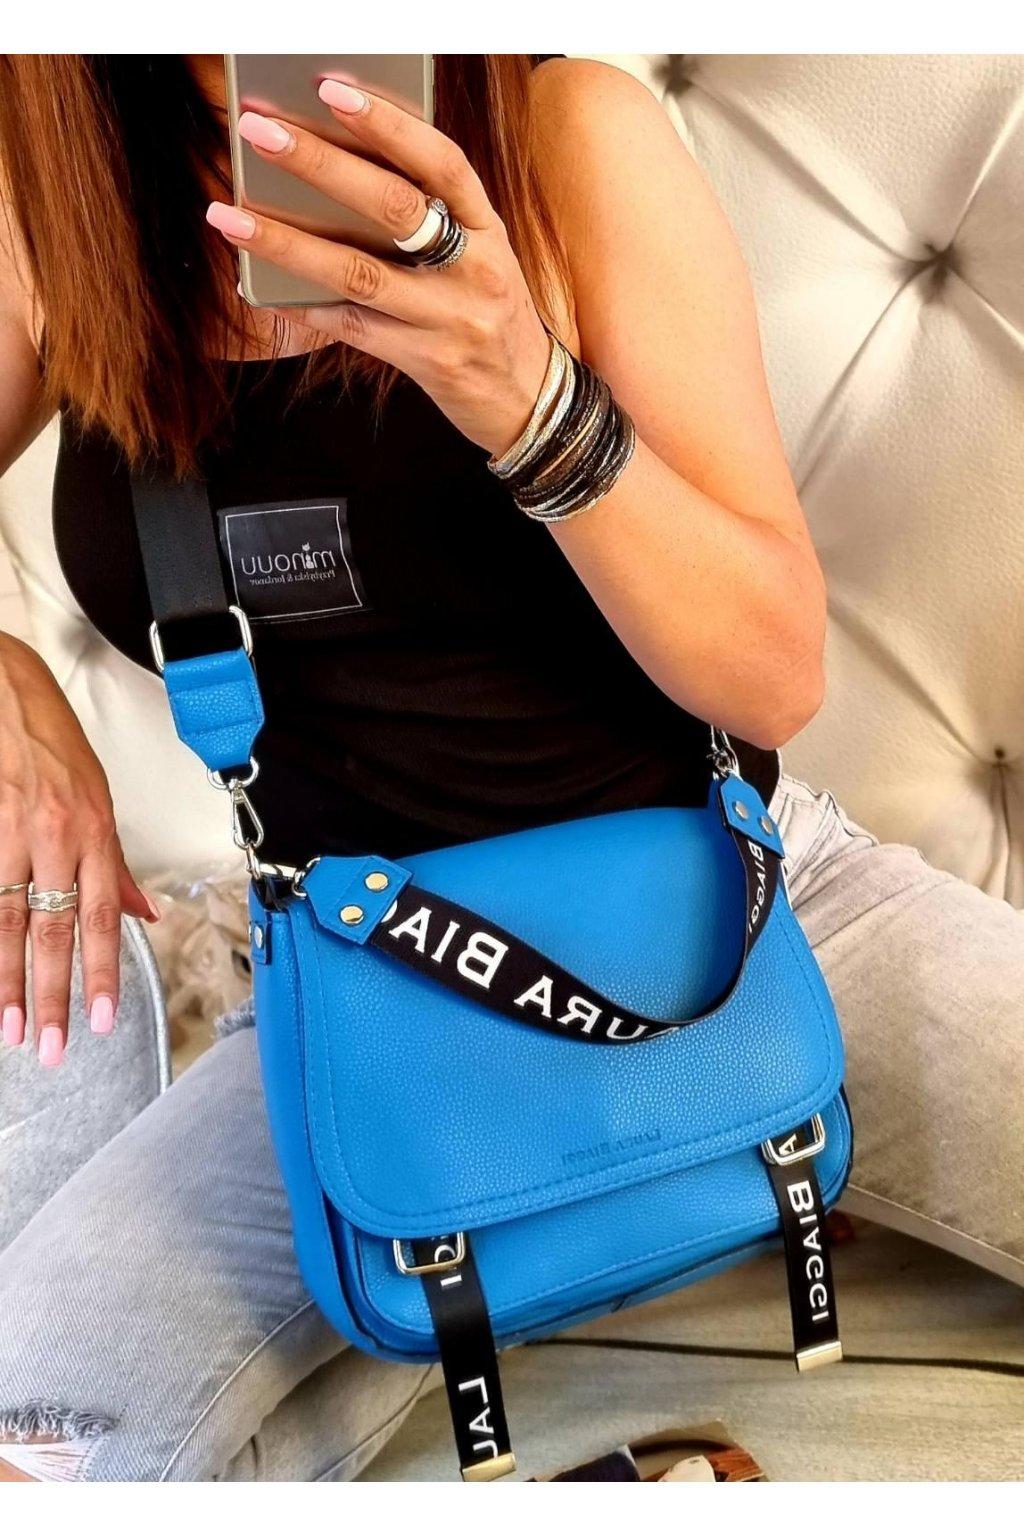 crossbody edition modrá laura biaggi luxusní značková kabelka